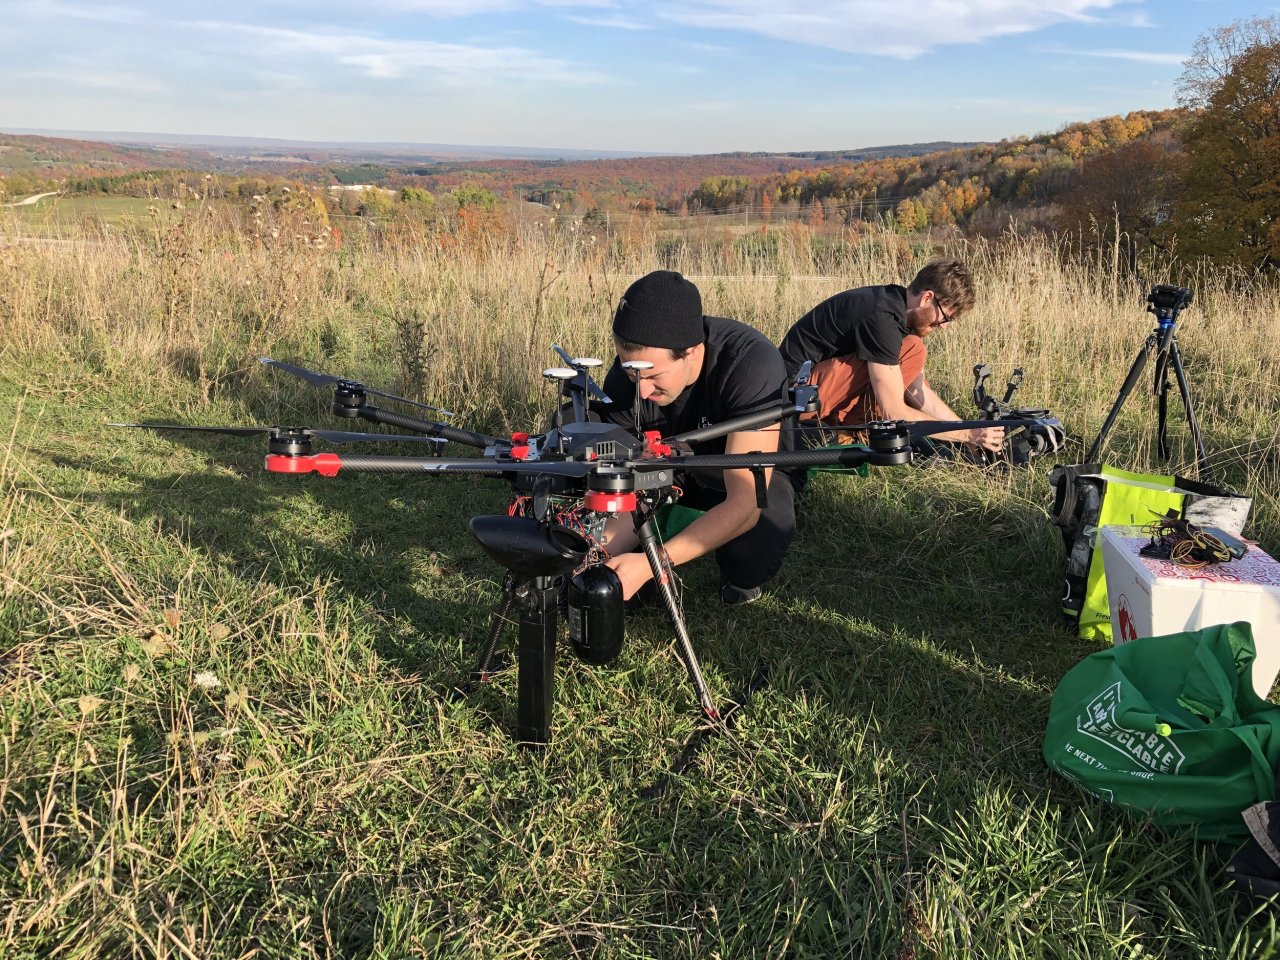 У Канаді висадять 1 000 000 000 дерев за допомогою дронів - Дерева - 23 kanada